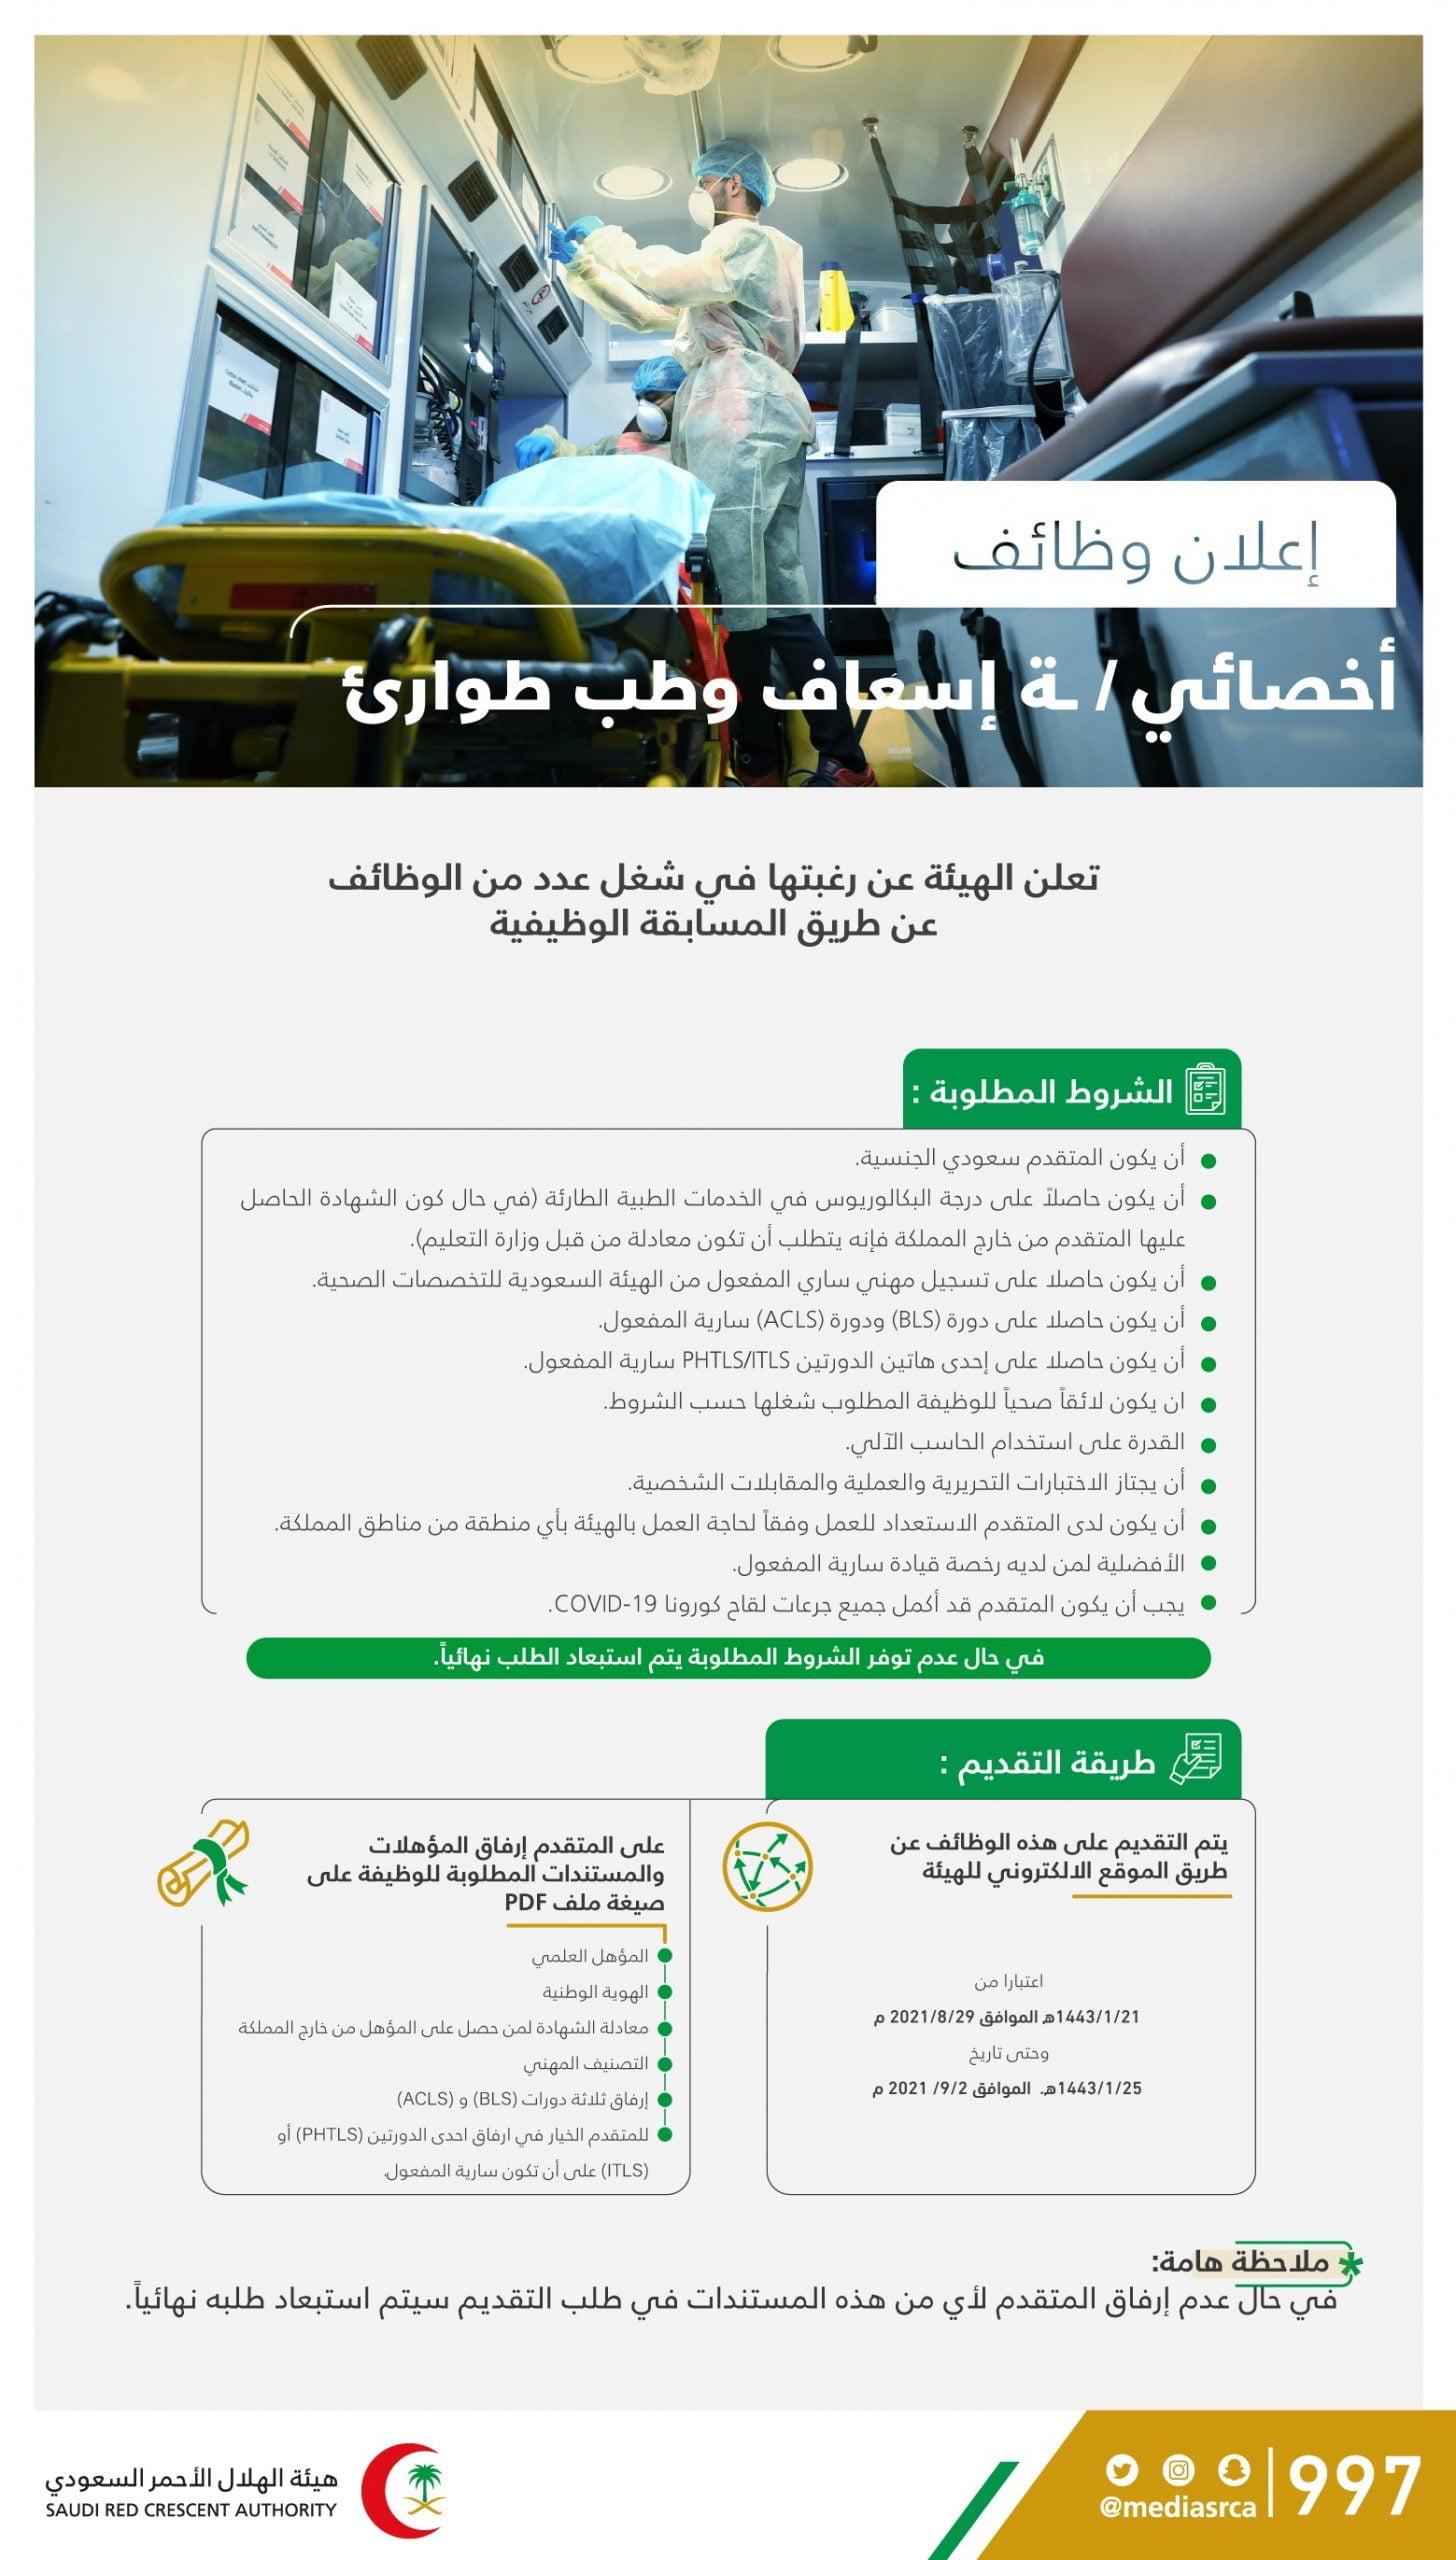 وظائف عن طريق المسابقة الوظيفية لدى هيئة الهلال الأحمر السعودي 3